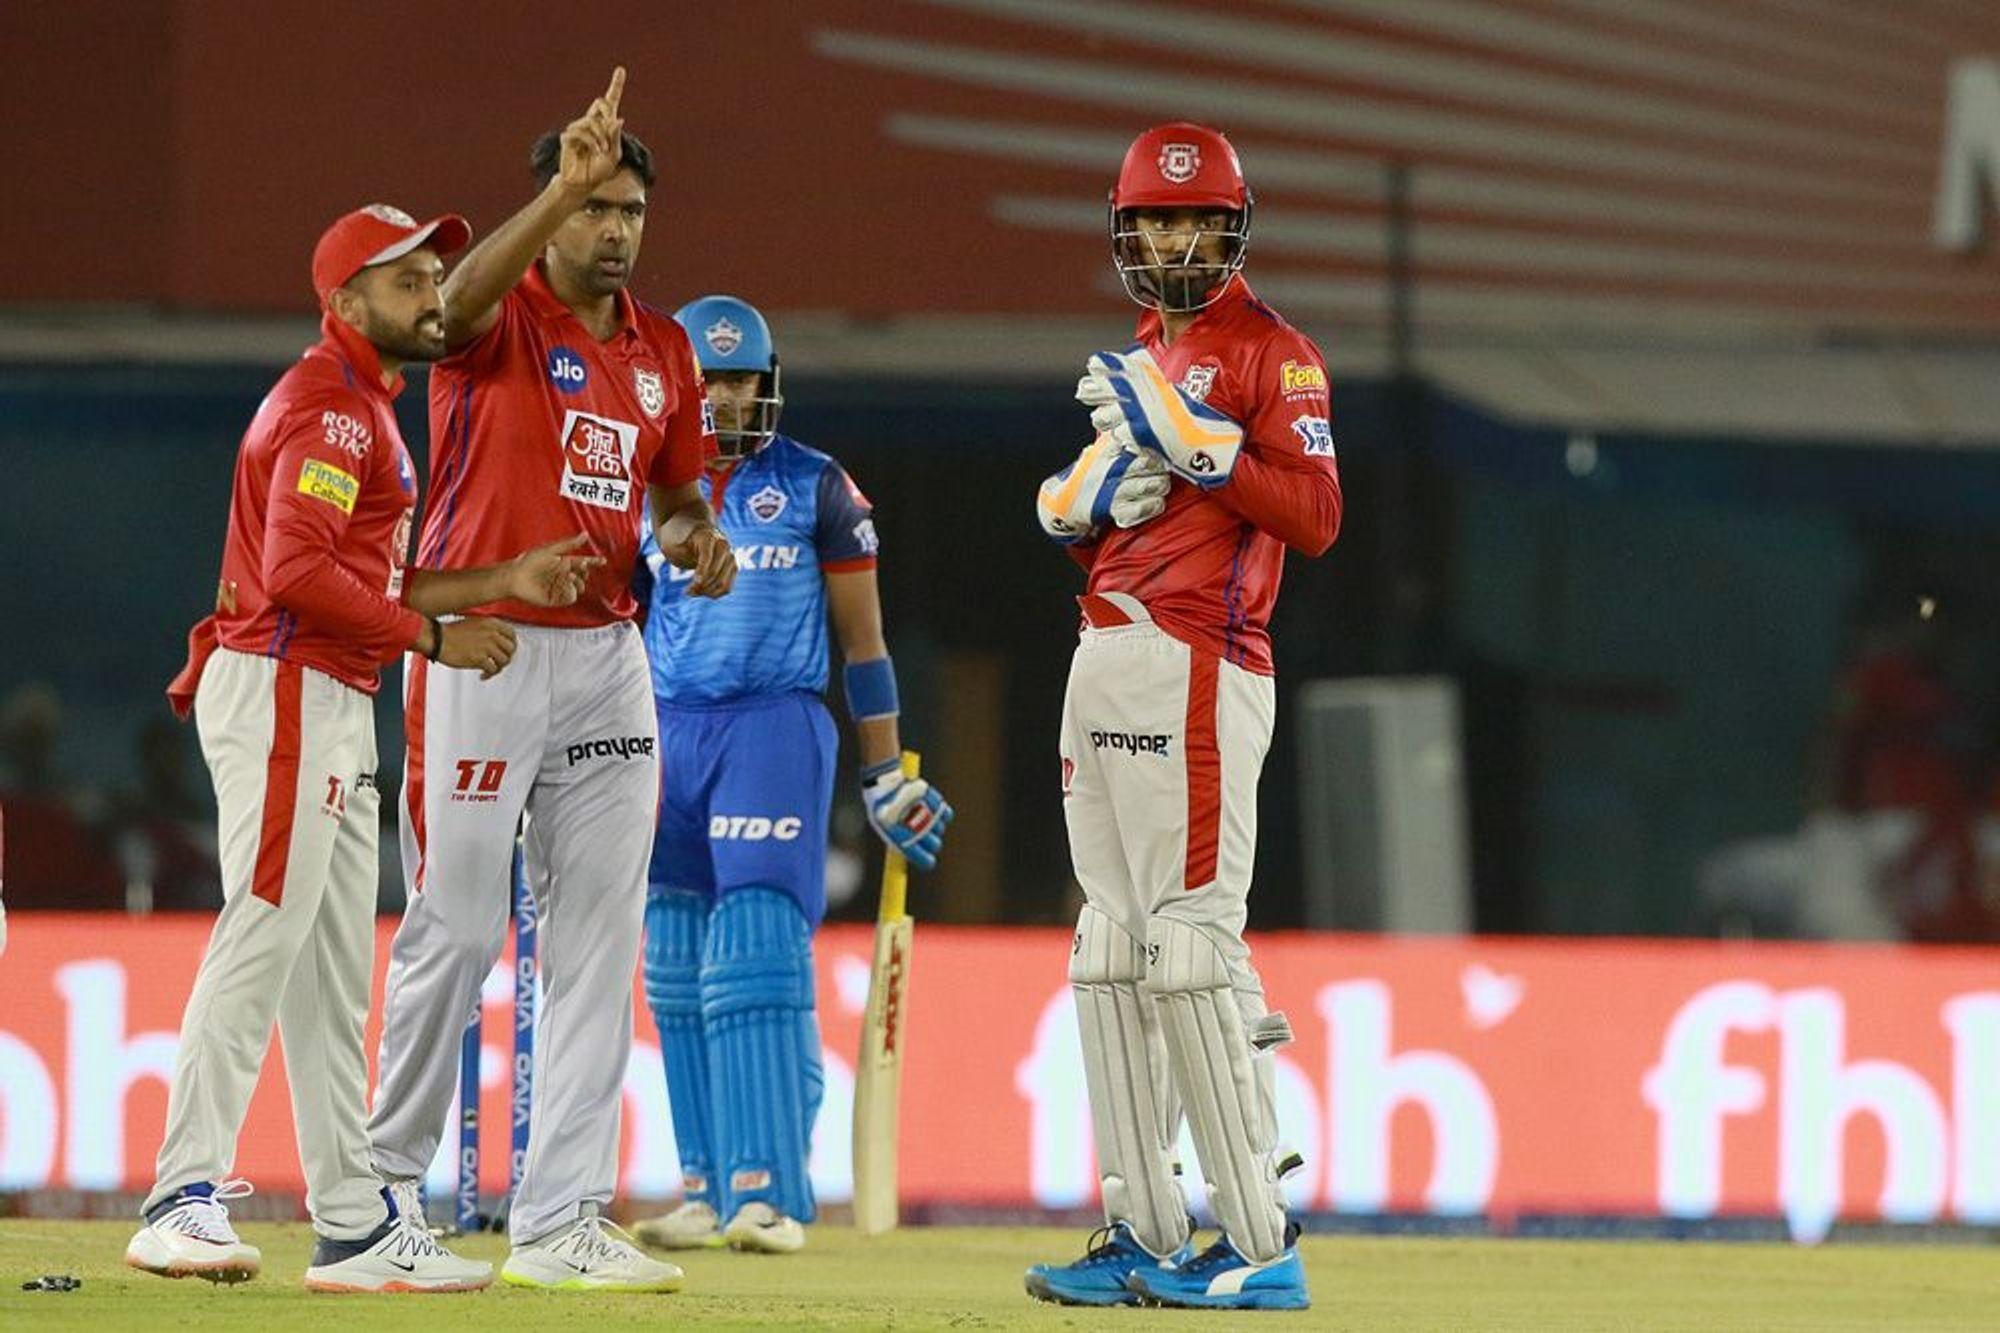 KXIPvsDC : STATS : मैच में बने 9 रिकॉर्ड, पंजाब की टीम ने बनाये कई विश्व रिकॉर्ड